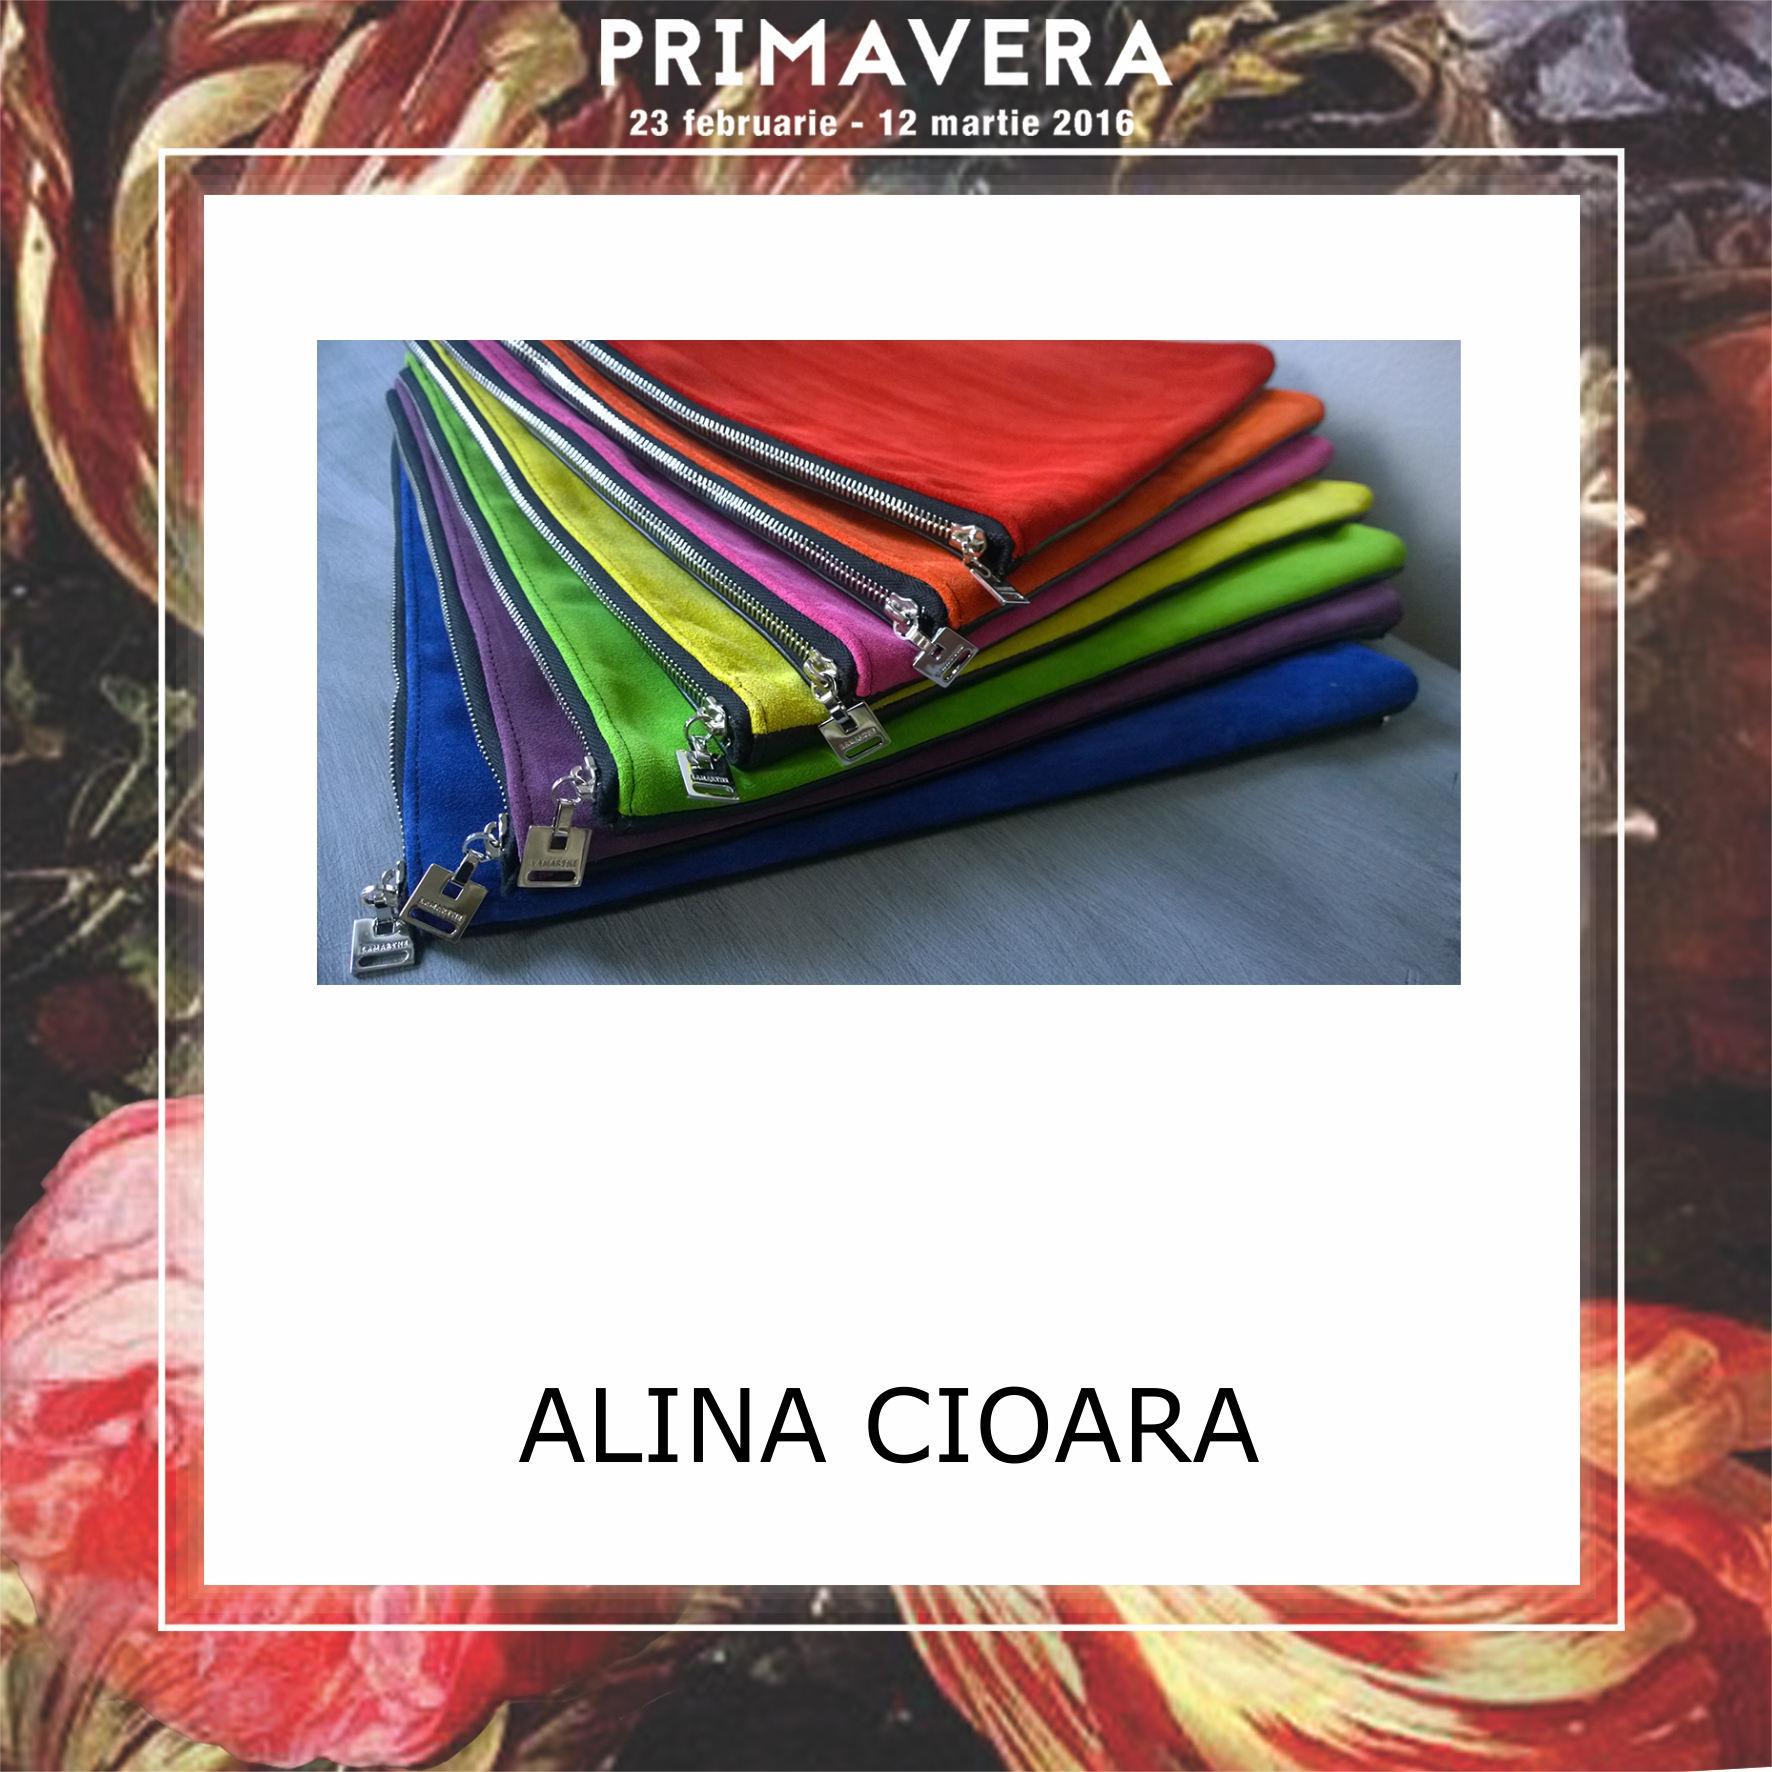 Alina Cioara